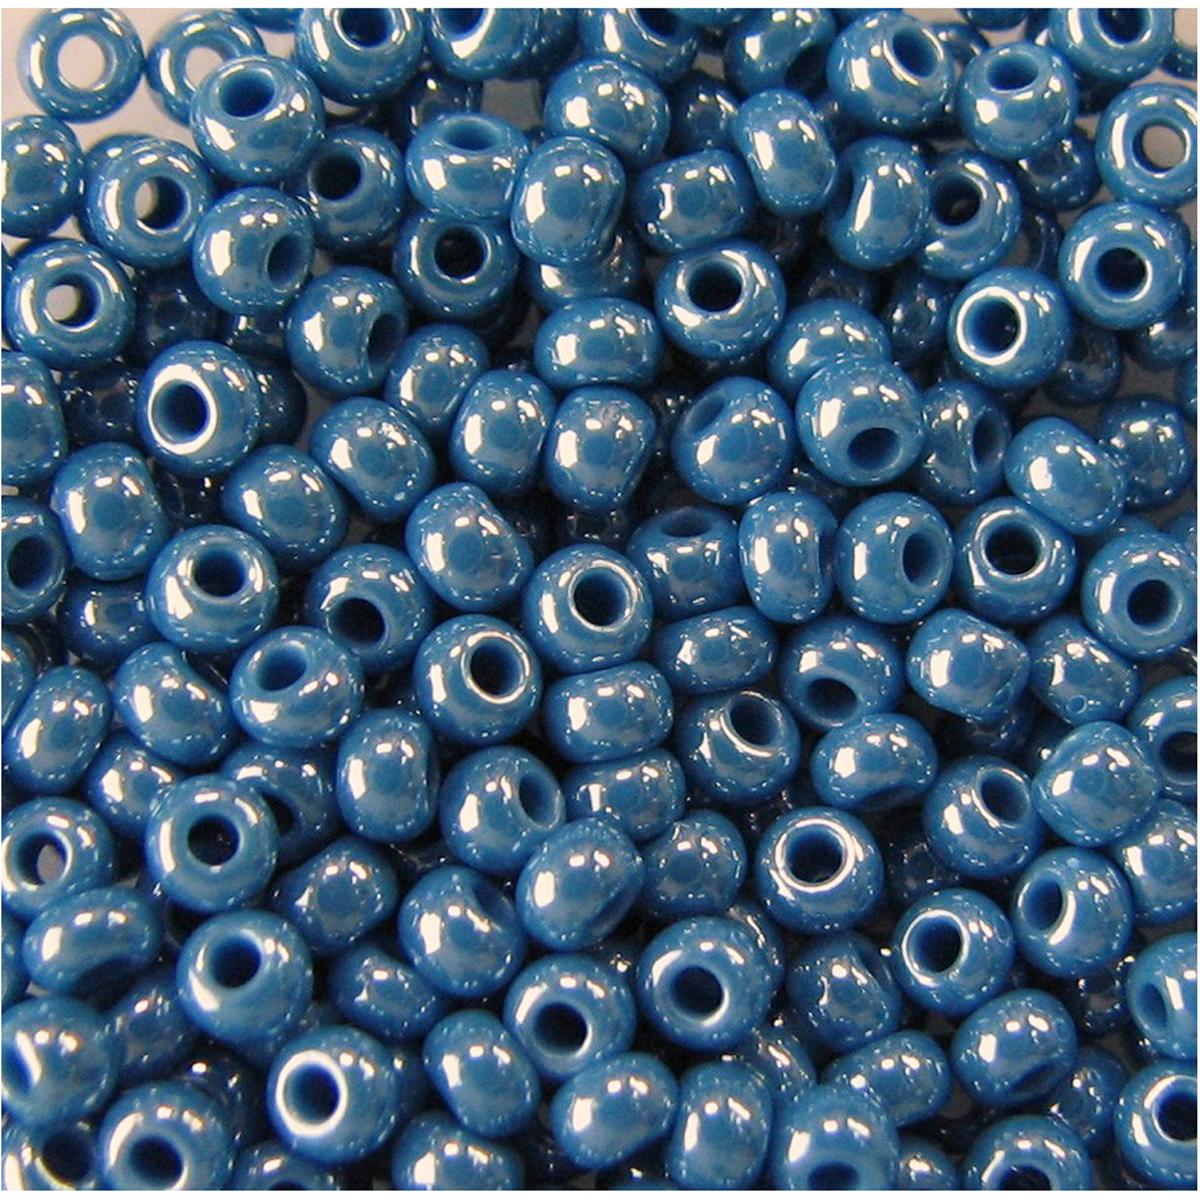 Бисер Preciosa, непрозрачный, глянцевый, цвет: морская волна (68080), 10/0, 5 г бисер preciosa непрозрачный глянцевый цвет салатовый 53230 10 0 5 г